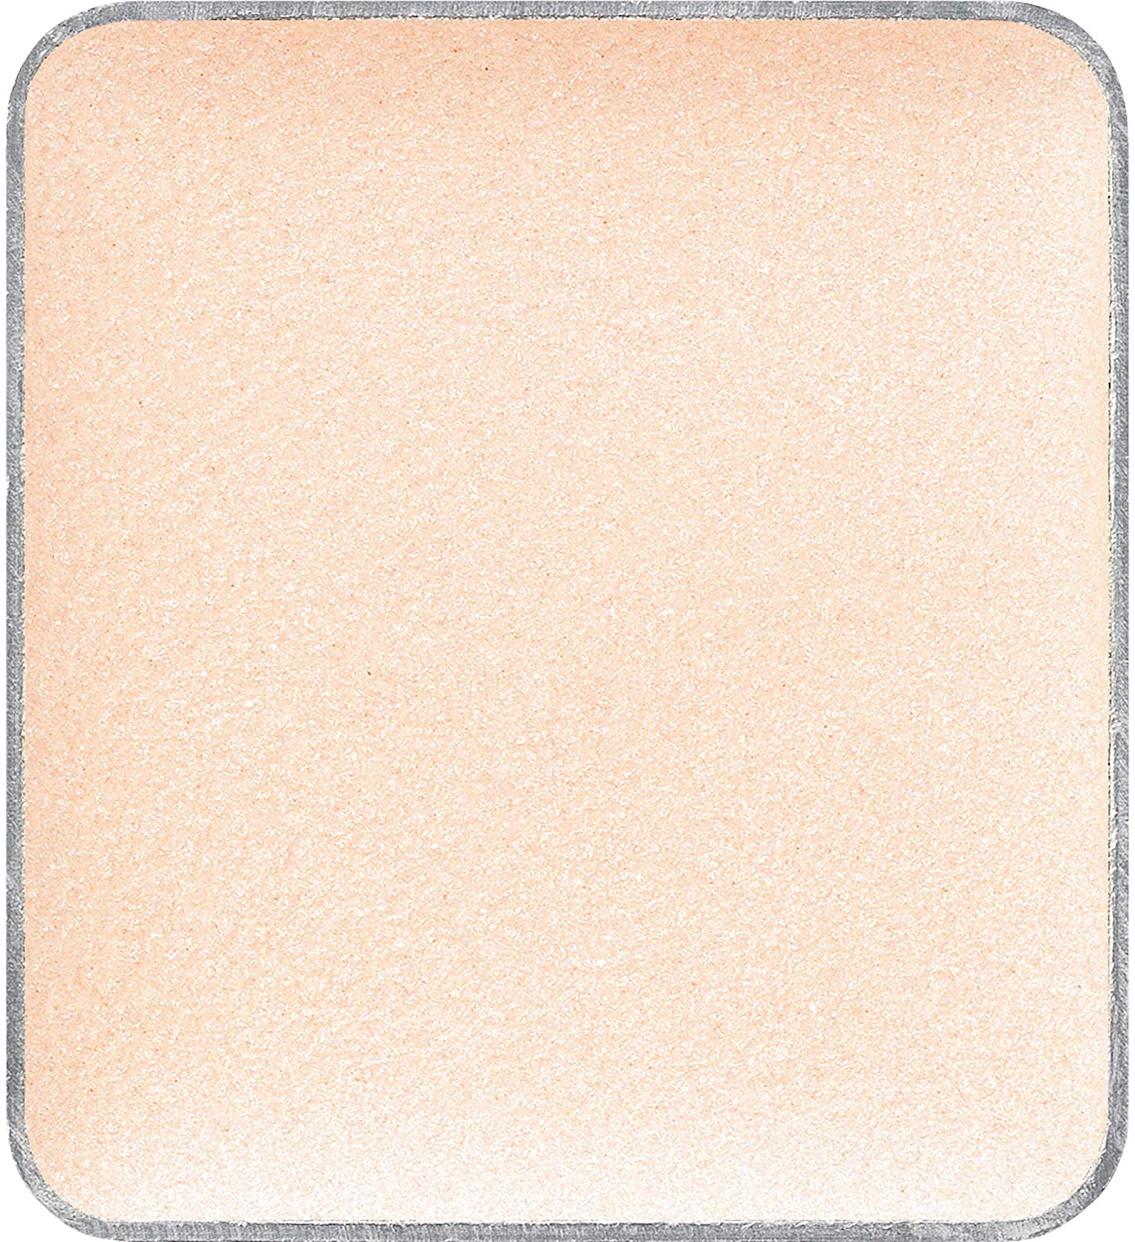 DHC(ディーエイチシー) シングルカラー アイシャドウの商品画像2